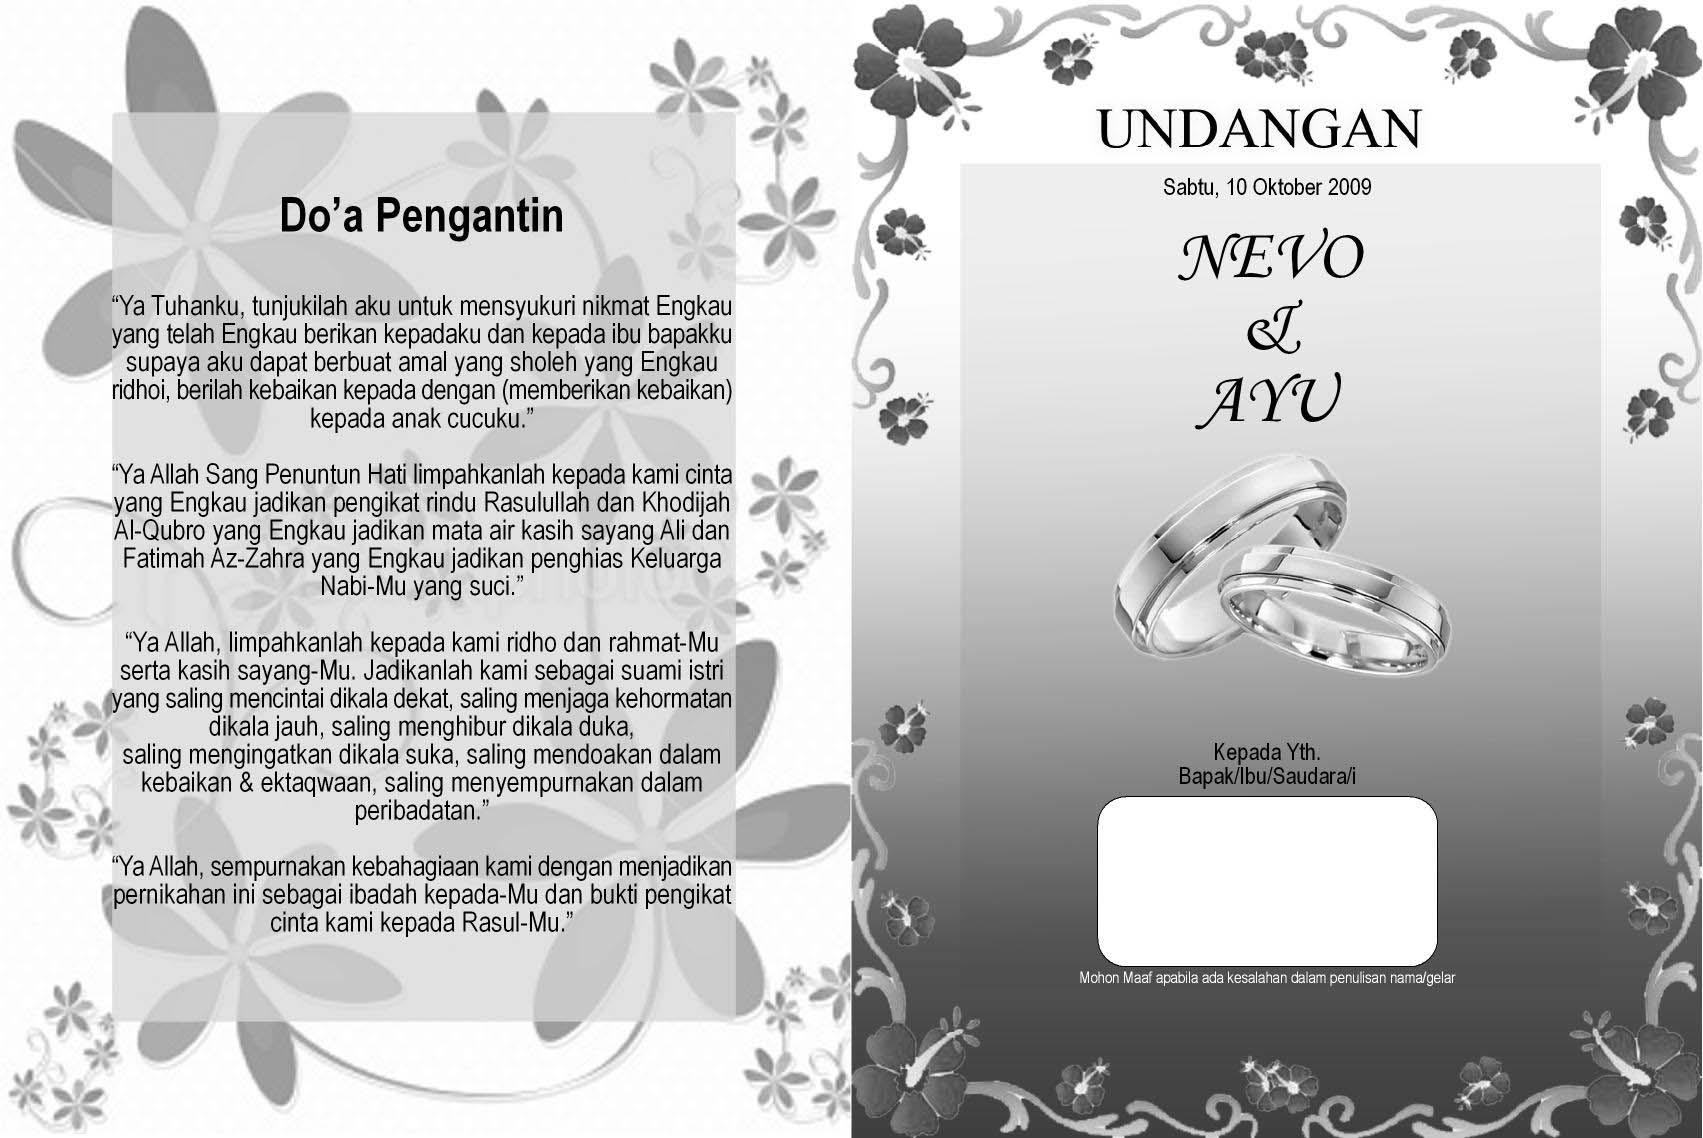 ... 28, 2010 at 1703 × 1138 in Kartu Undangan Pernikahan / Wedding Card